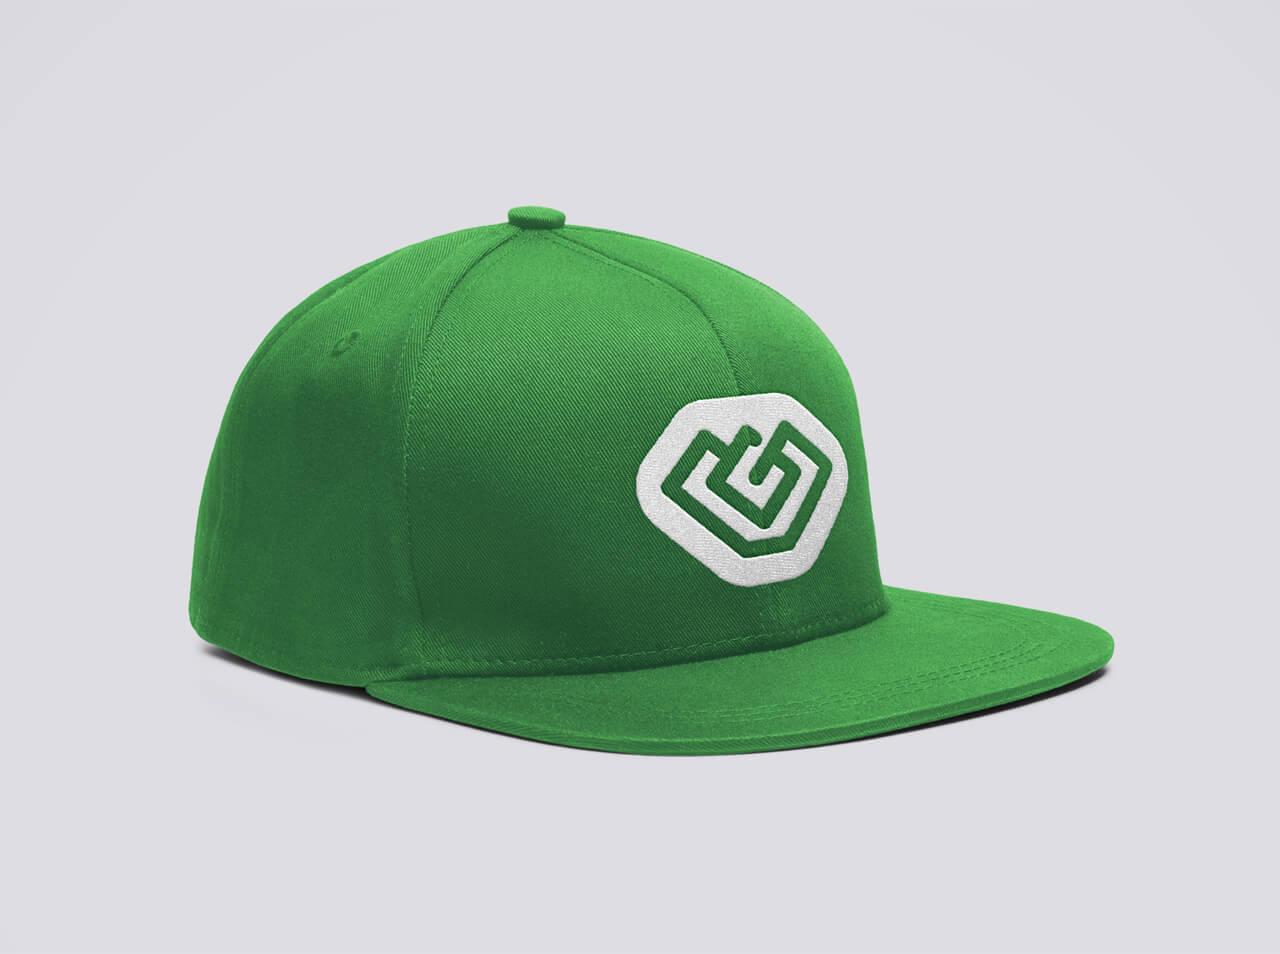 gwood_cap